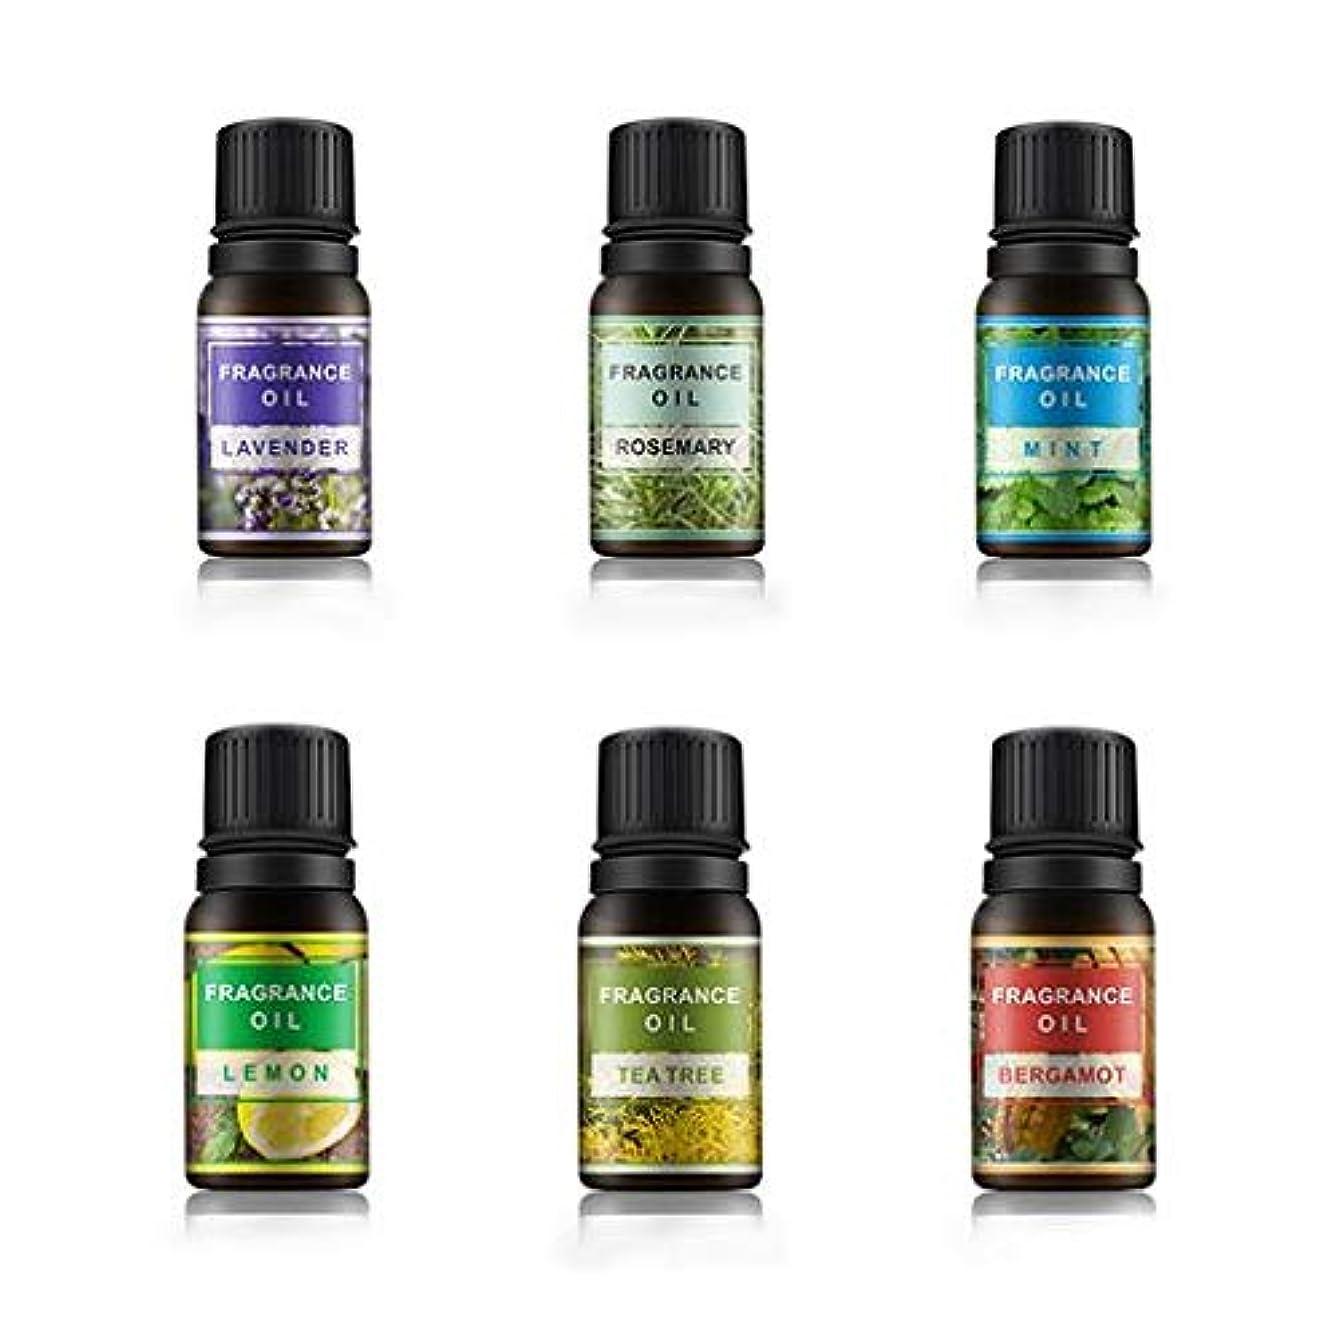 ダウン花瓶矢Lioncorek エッセンシャルオイル オイル アロマオイル 精油 水溶性 ナチュラル フレグランス 100%純粋 有機植物 加湿器用 6種の香りセット